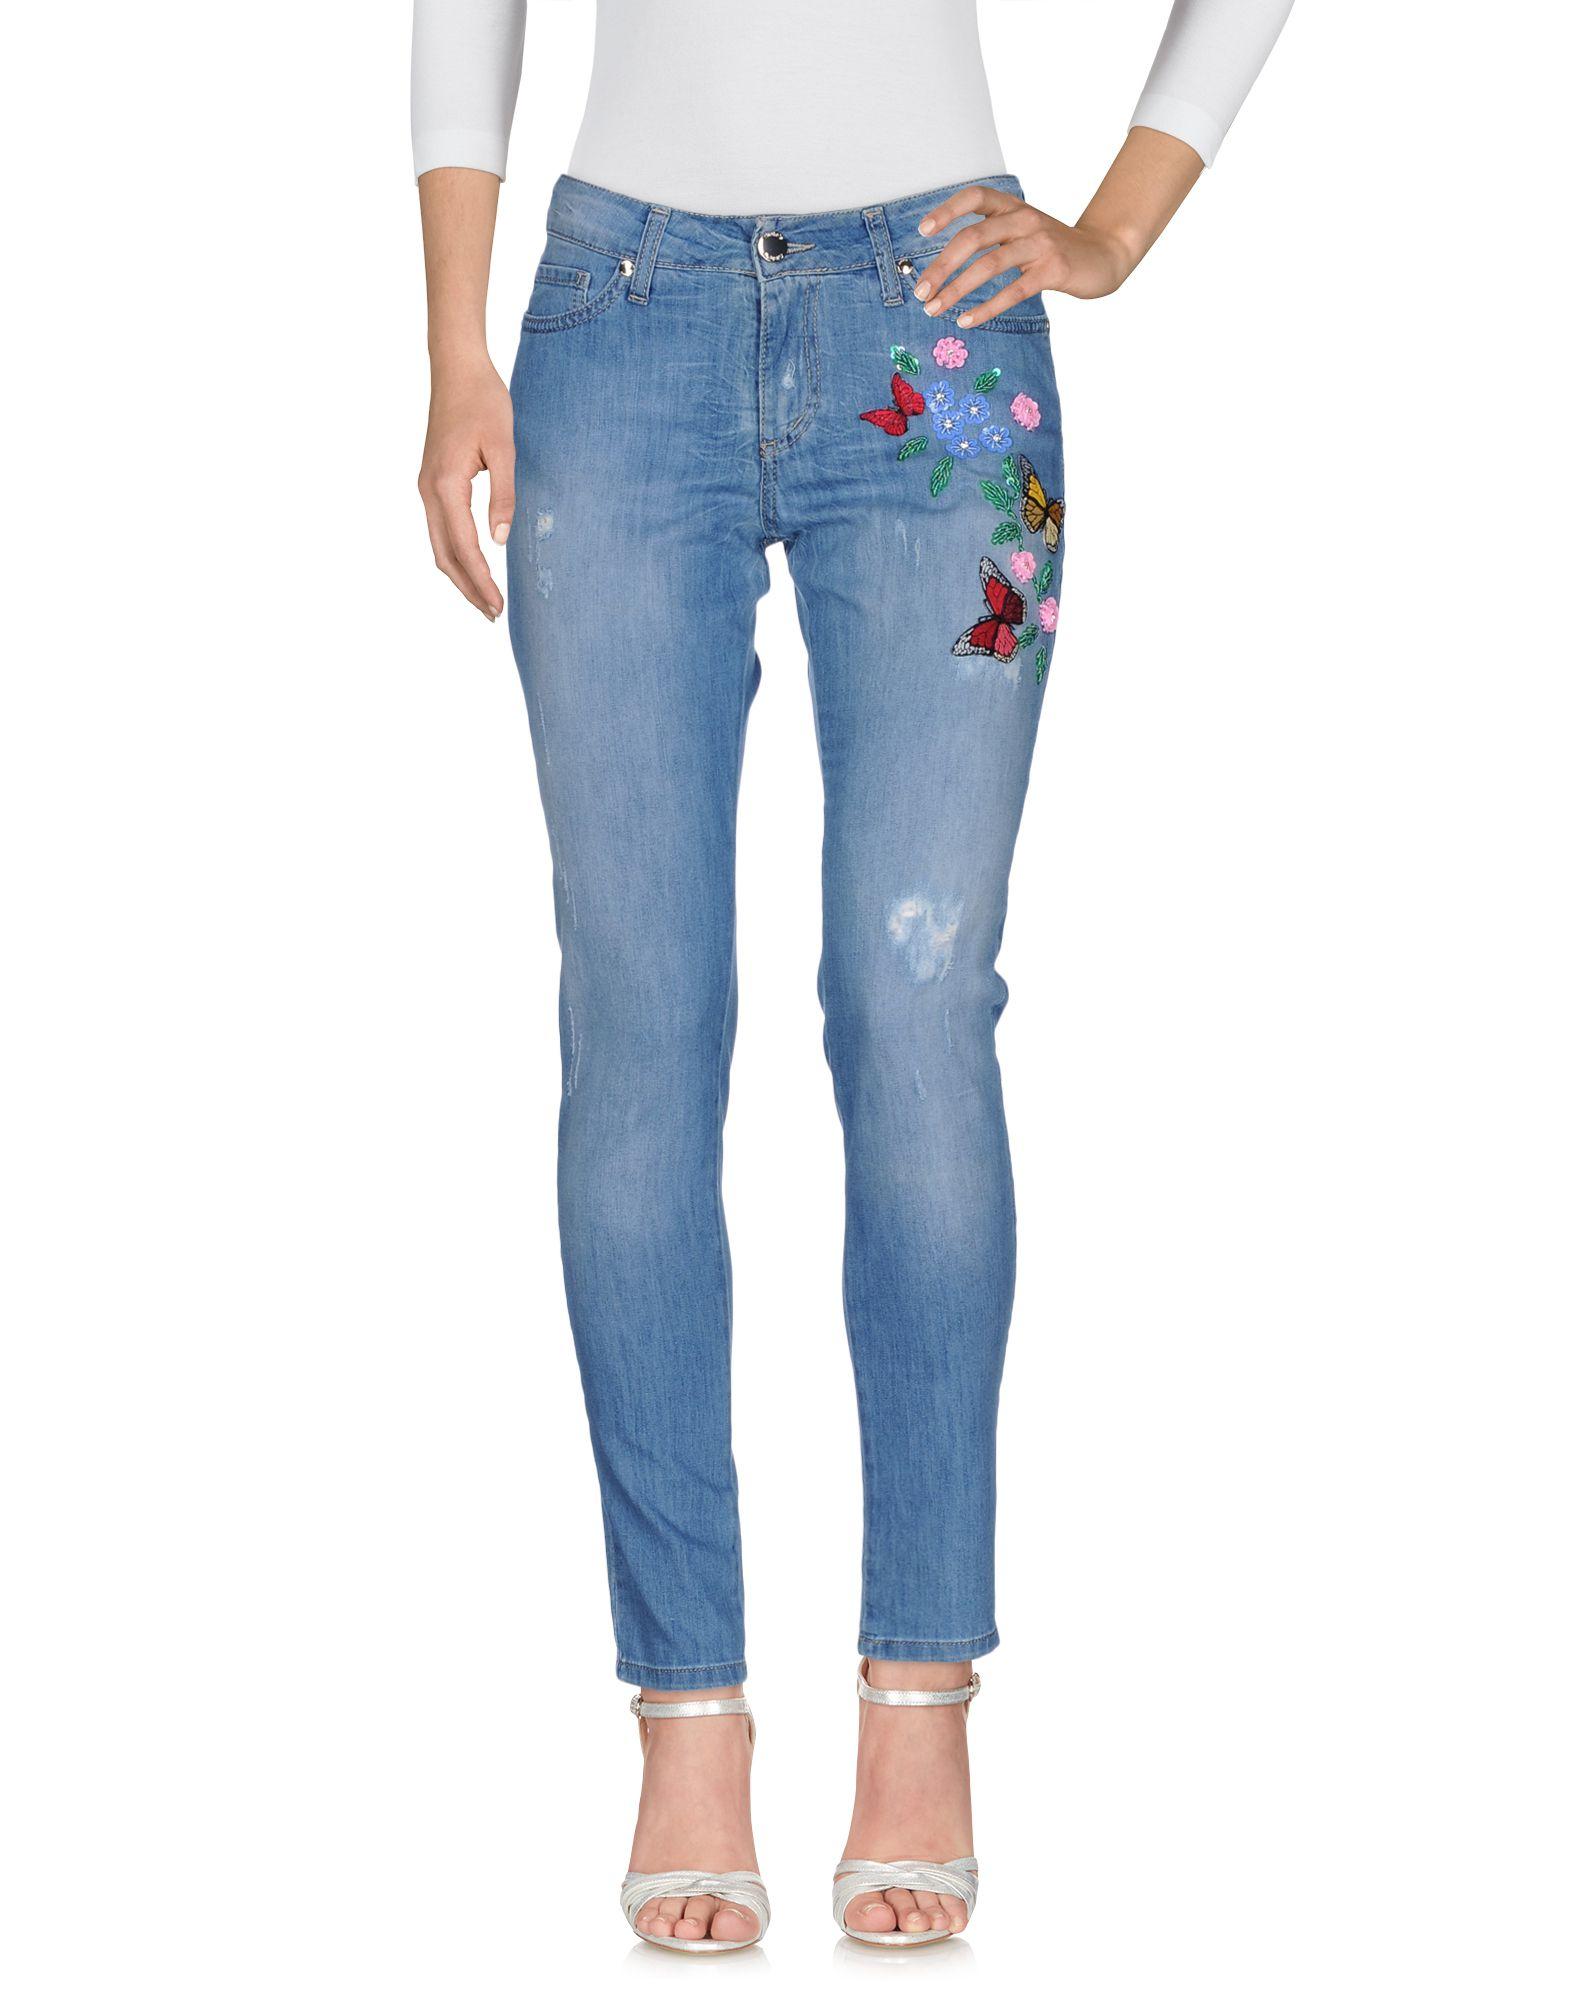 siste s джинсовые шорты SISTE' S Джинсовые брюки